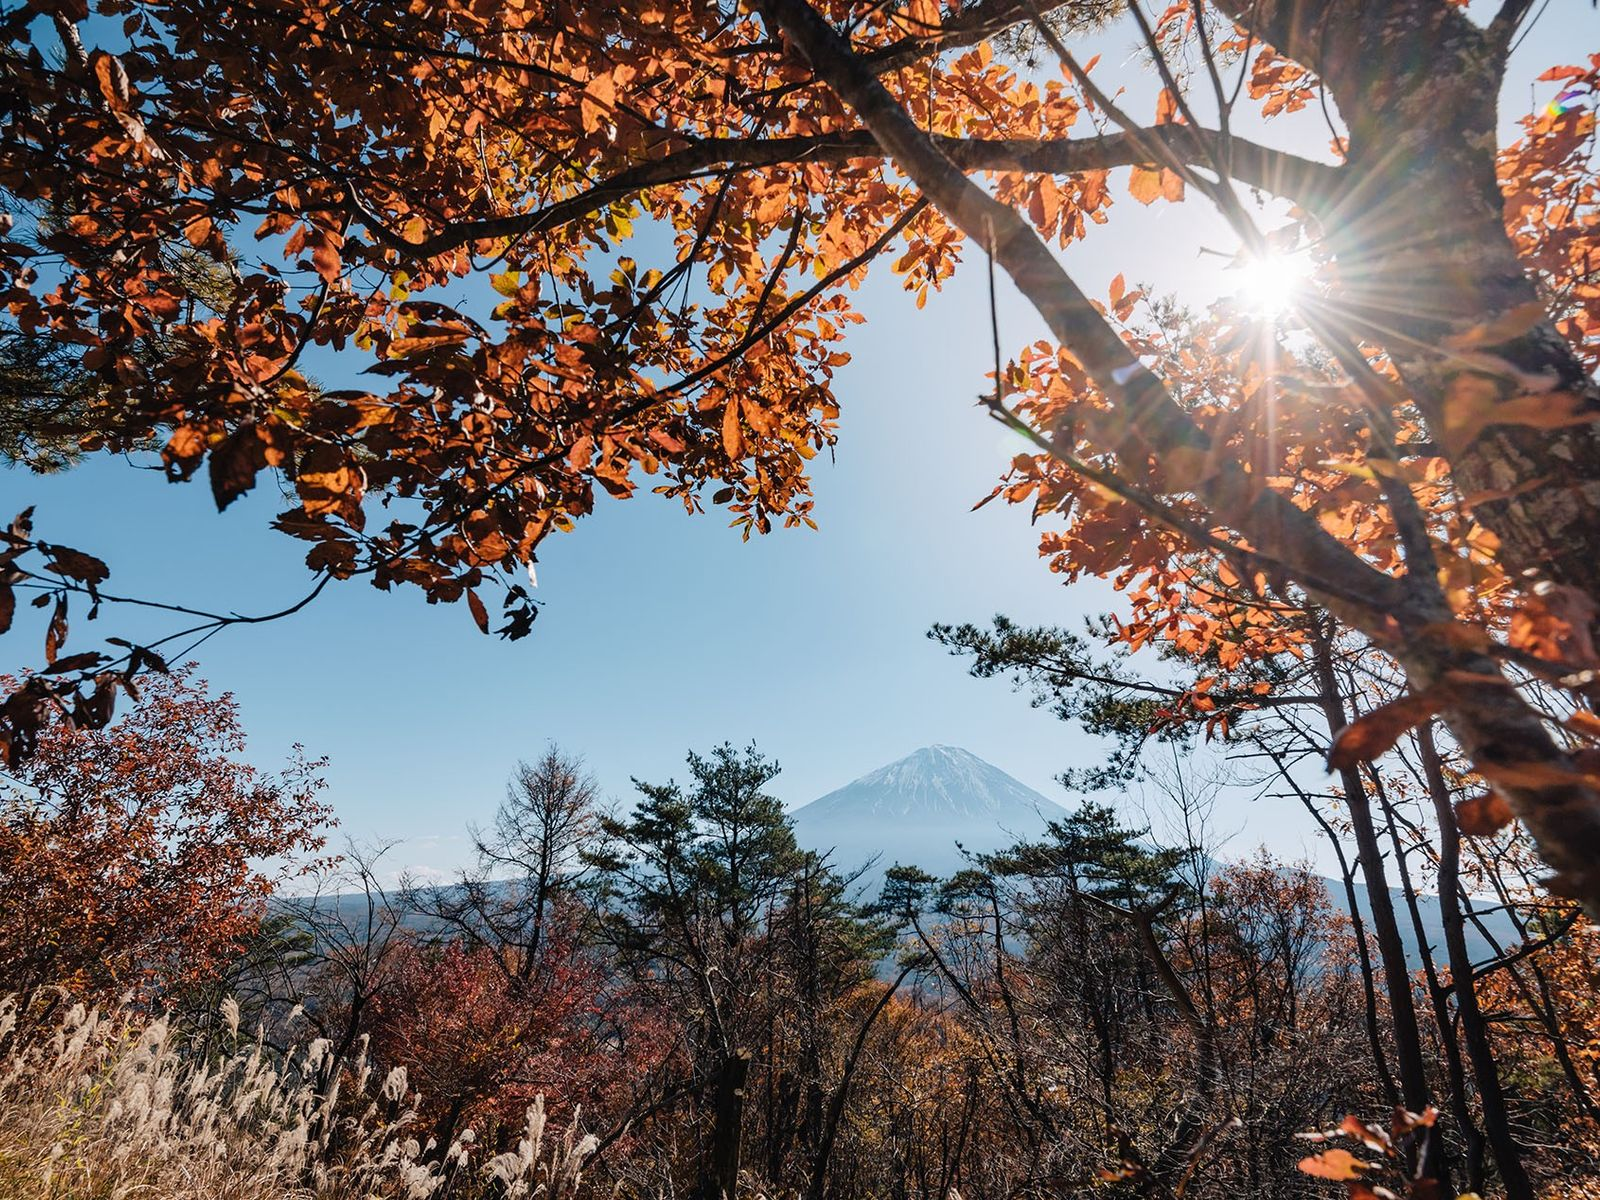 Around 300,000 people climb Fuji every year.